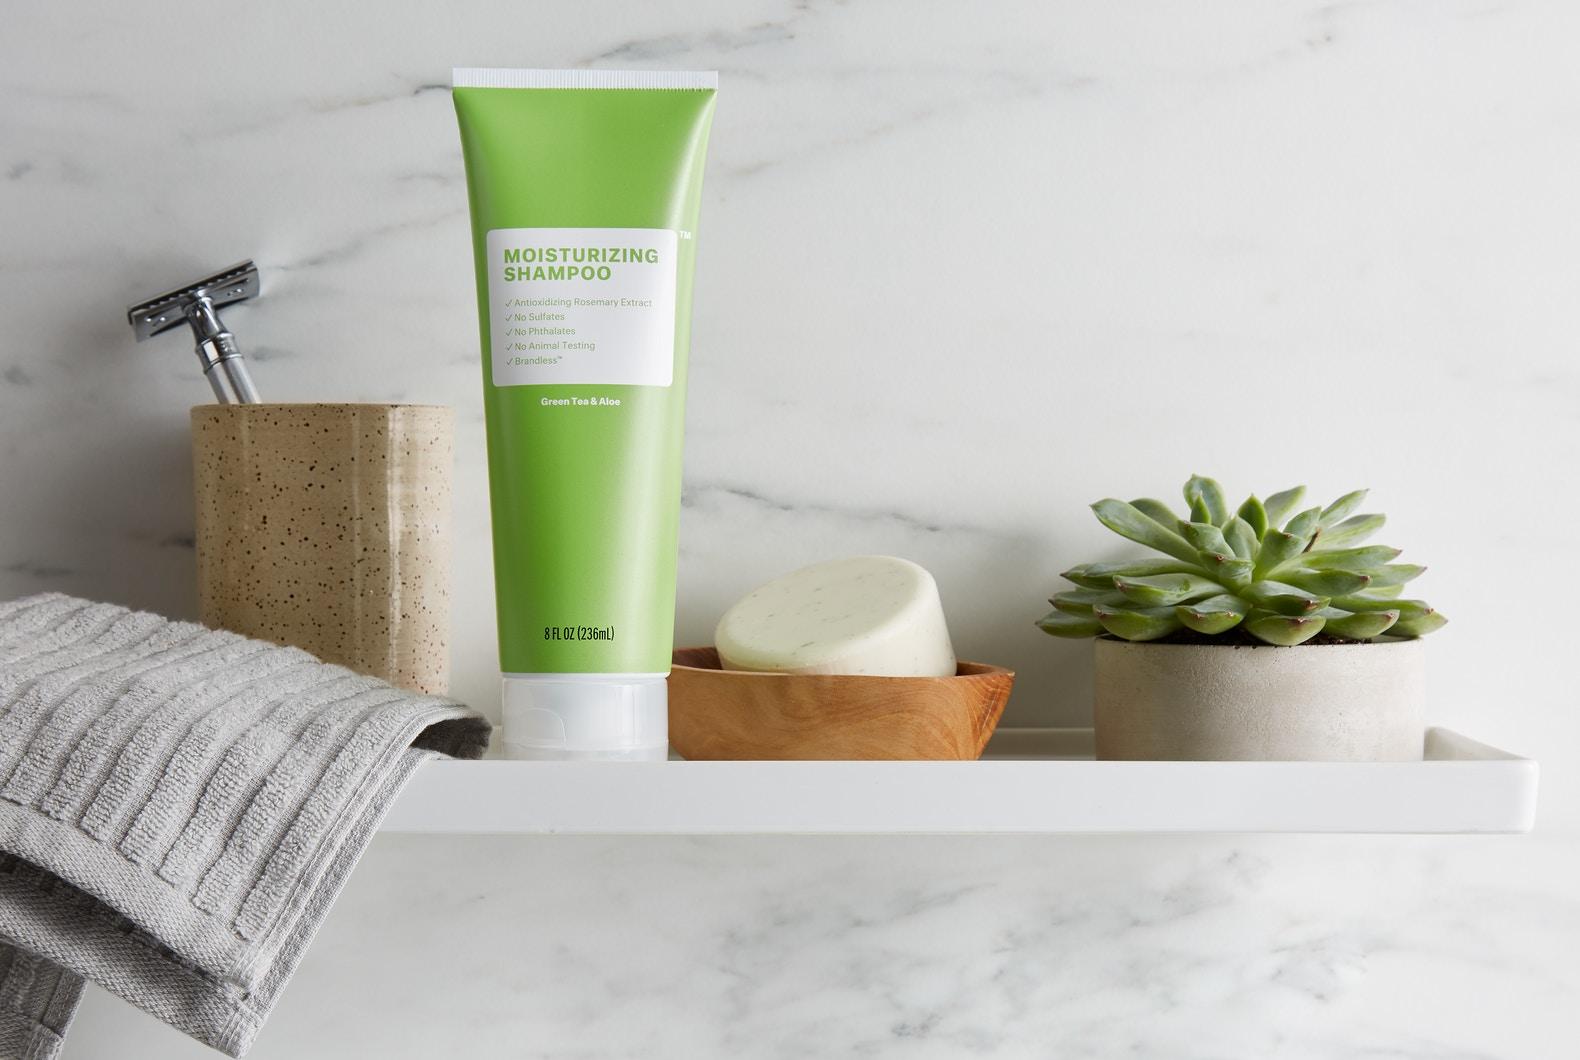 Shampoo da Brandless / Reprodução